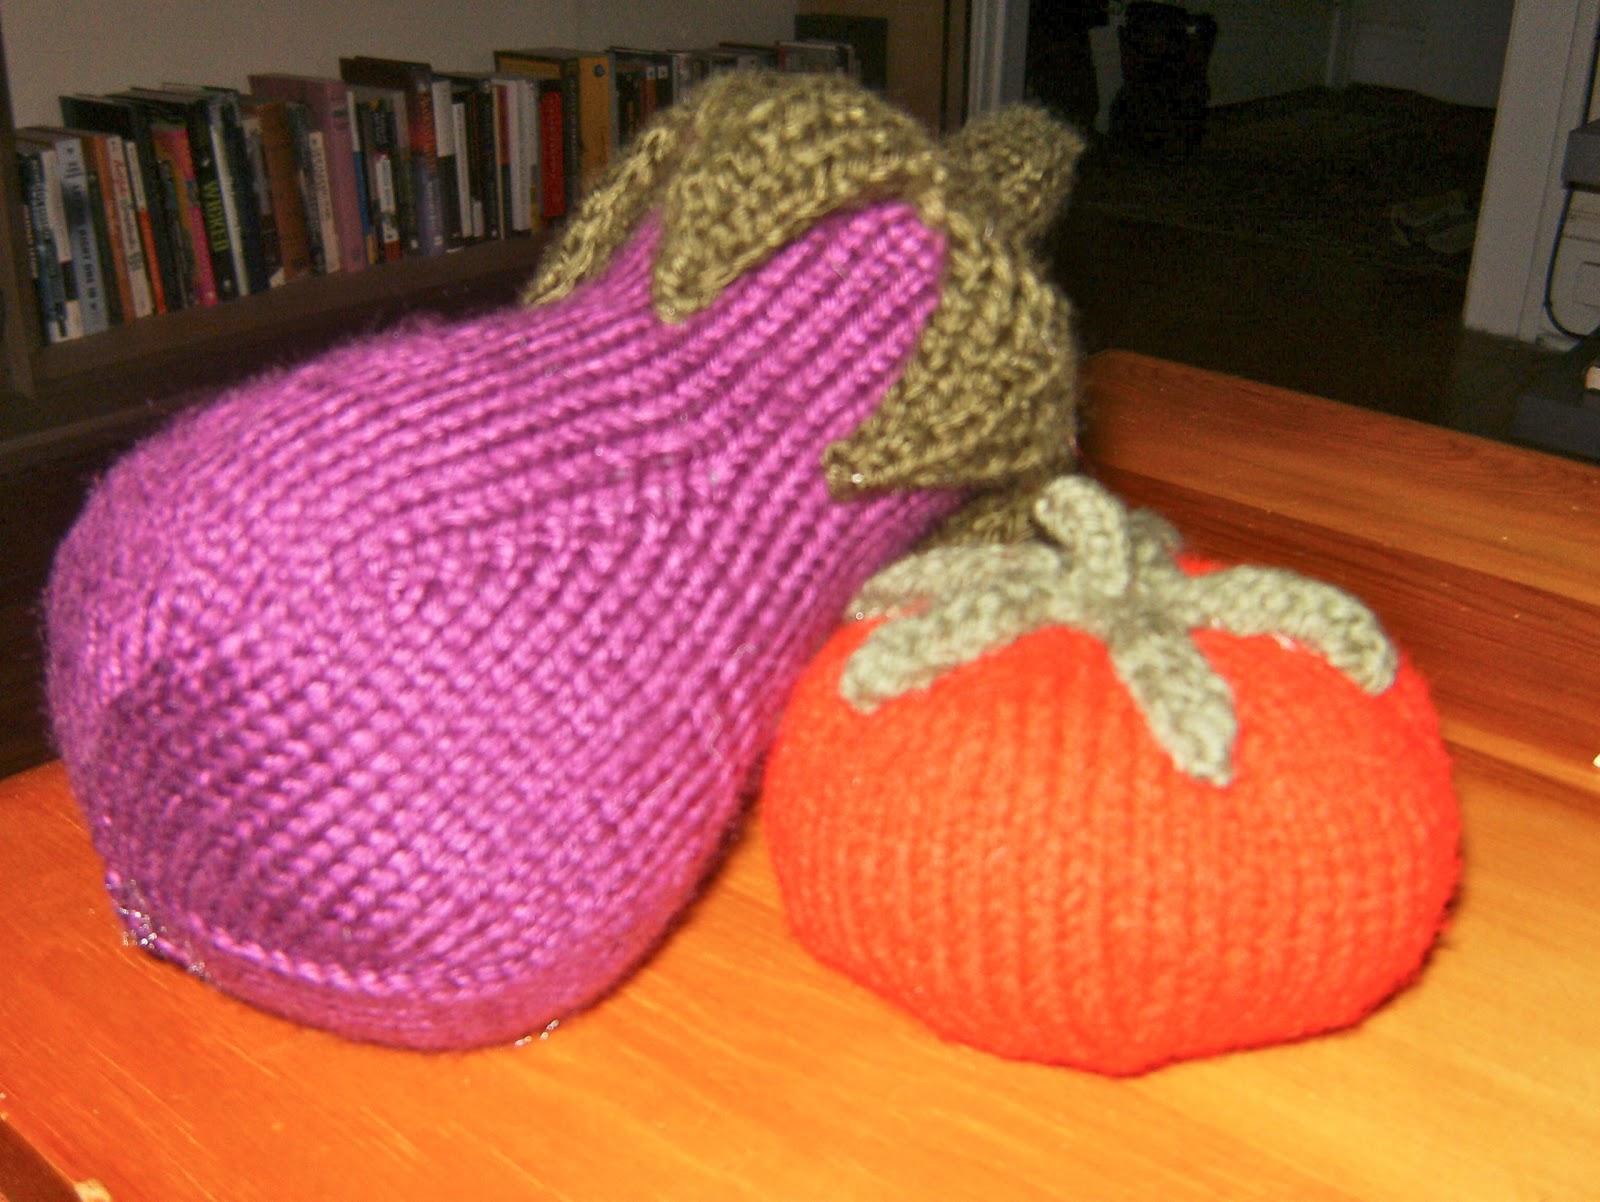 Amigurumi Vegetables : Amigurumi food amigurumi food amigurumi crochet